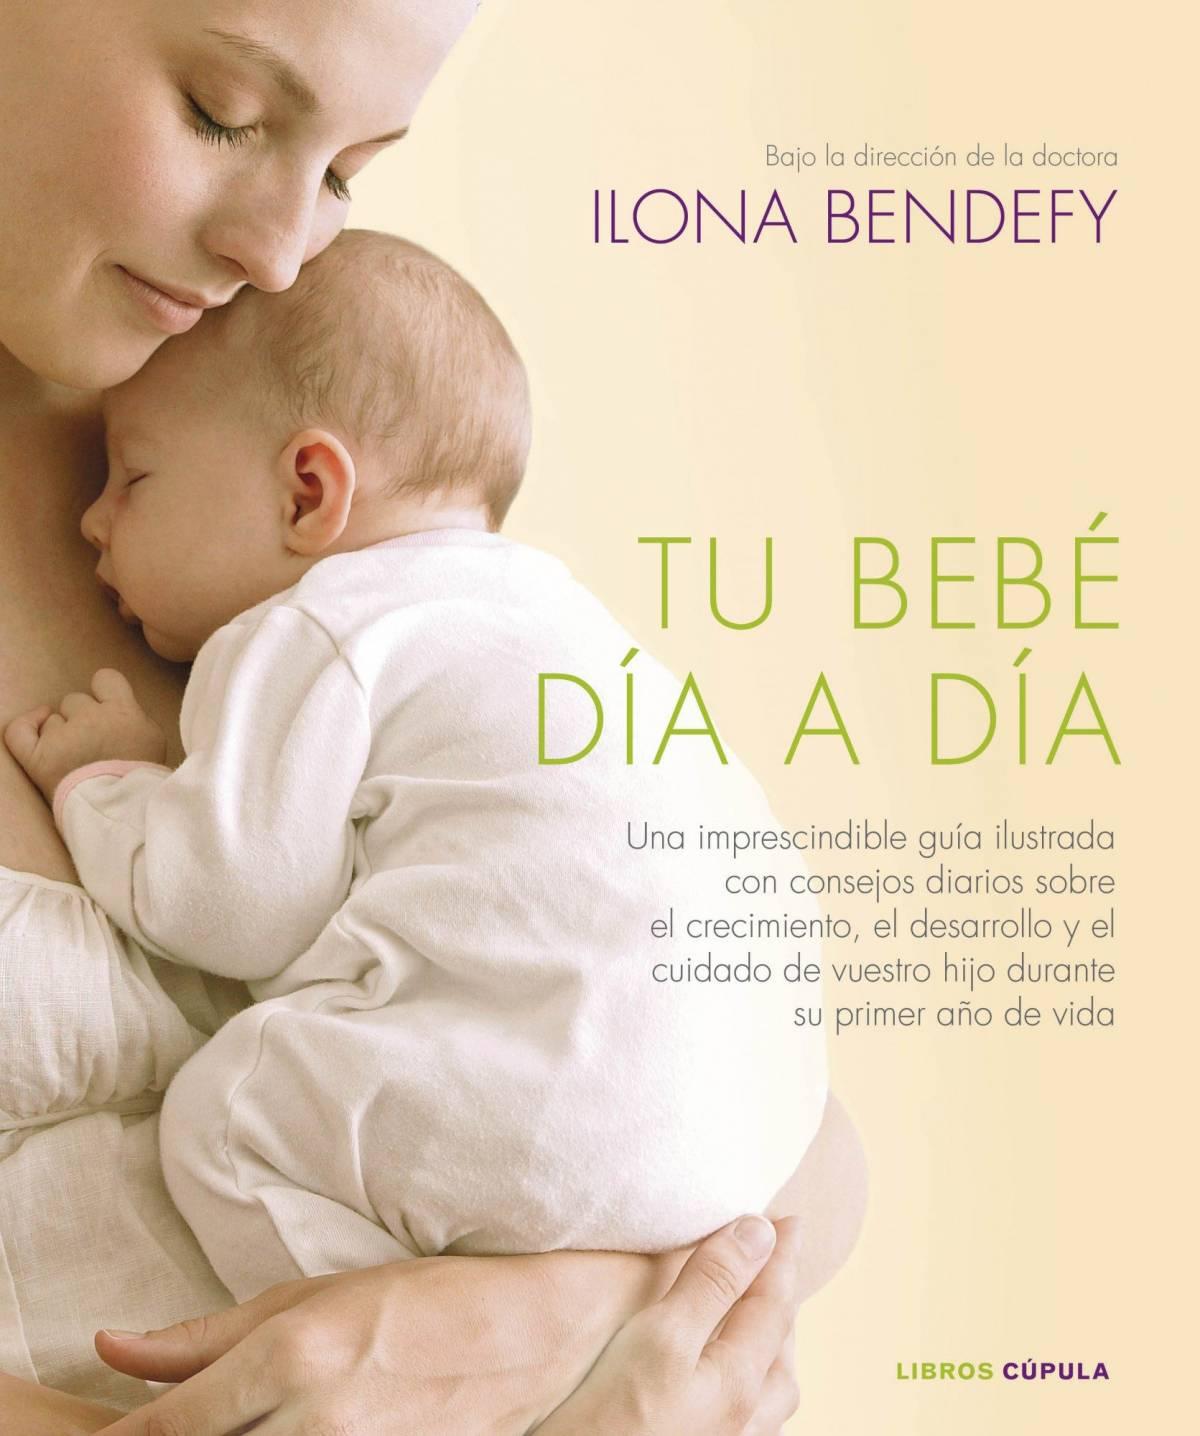 La dada: 'Tu bebé día a día'